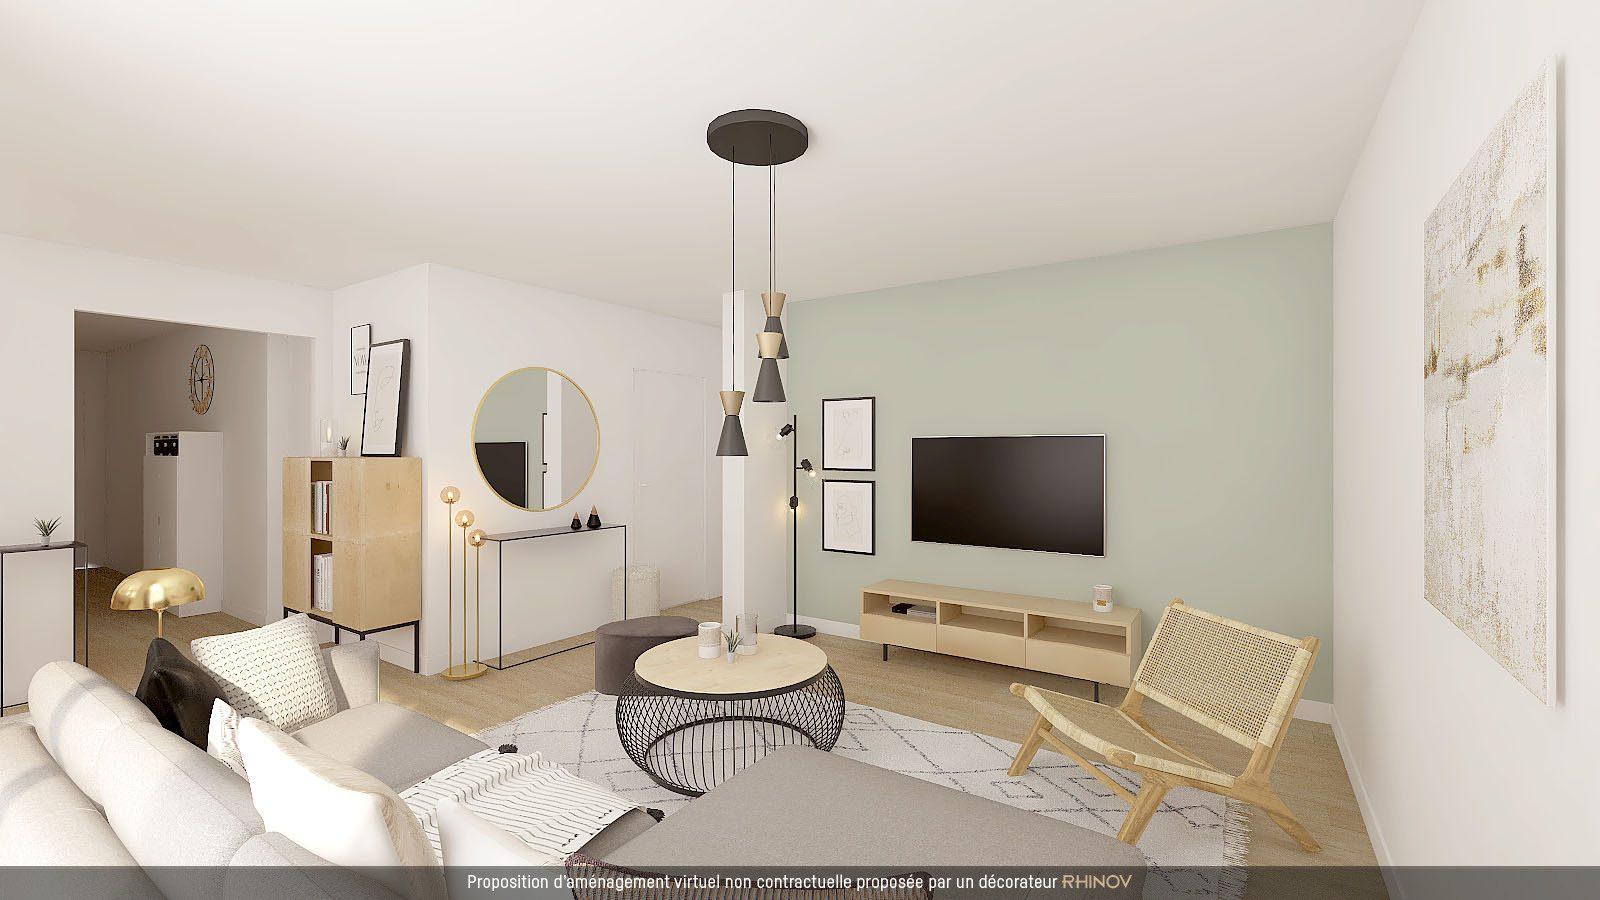 T3/4 AVEC BALCON DANS IMMEULE NEUF - Devenez propriétaire en toute confiance - Bintz Immobilier - 2